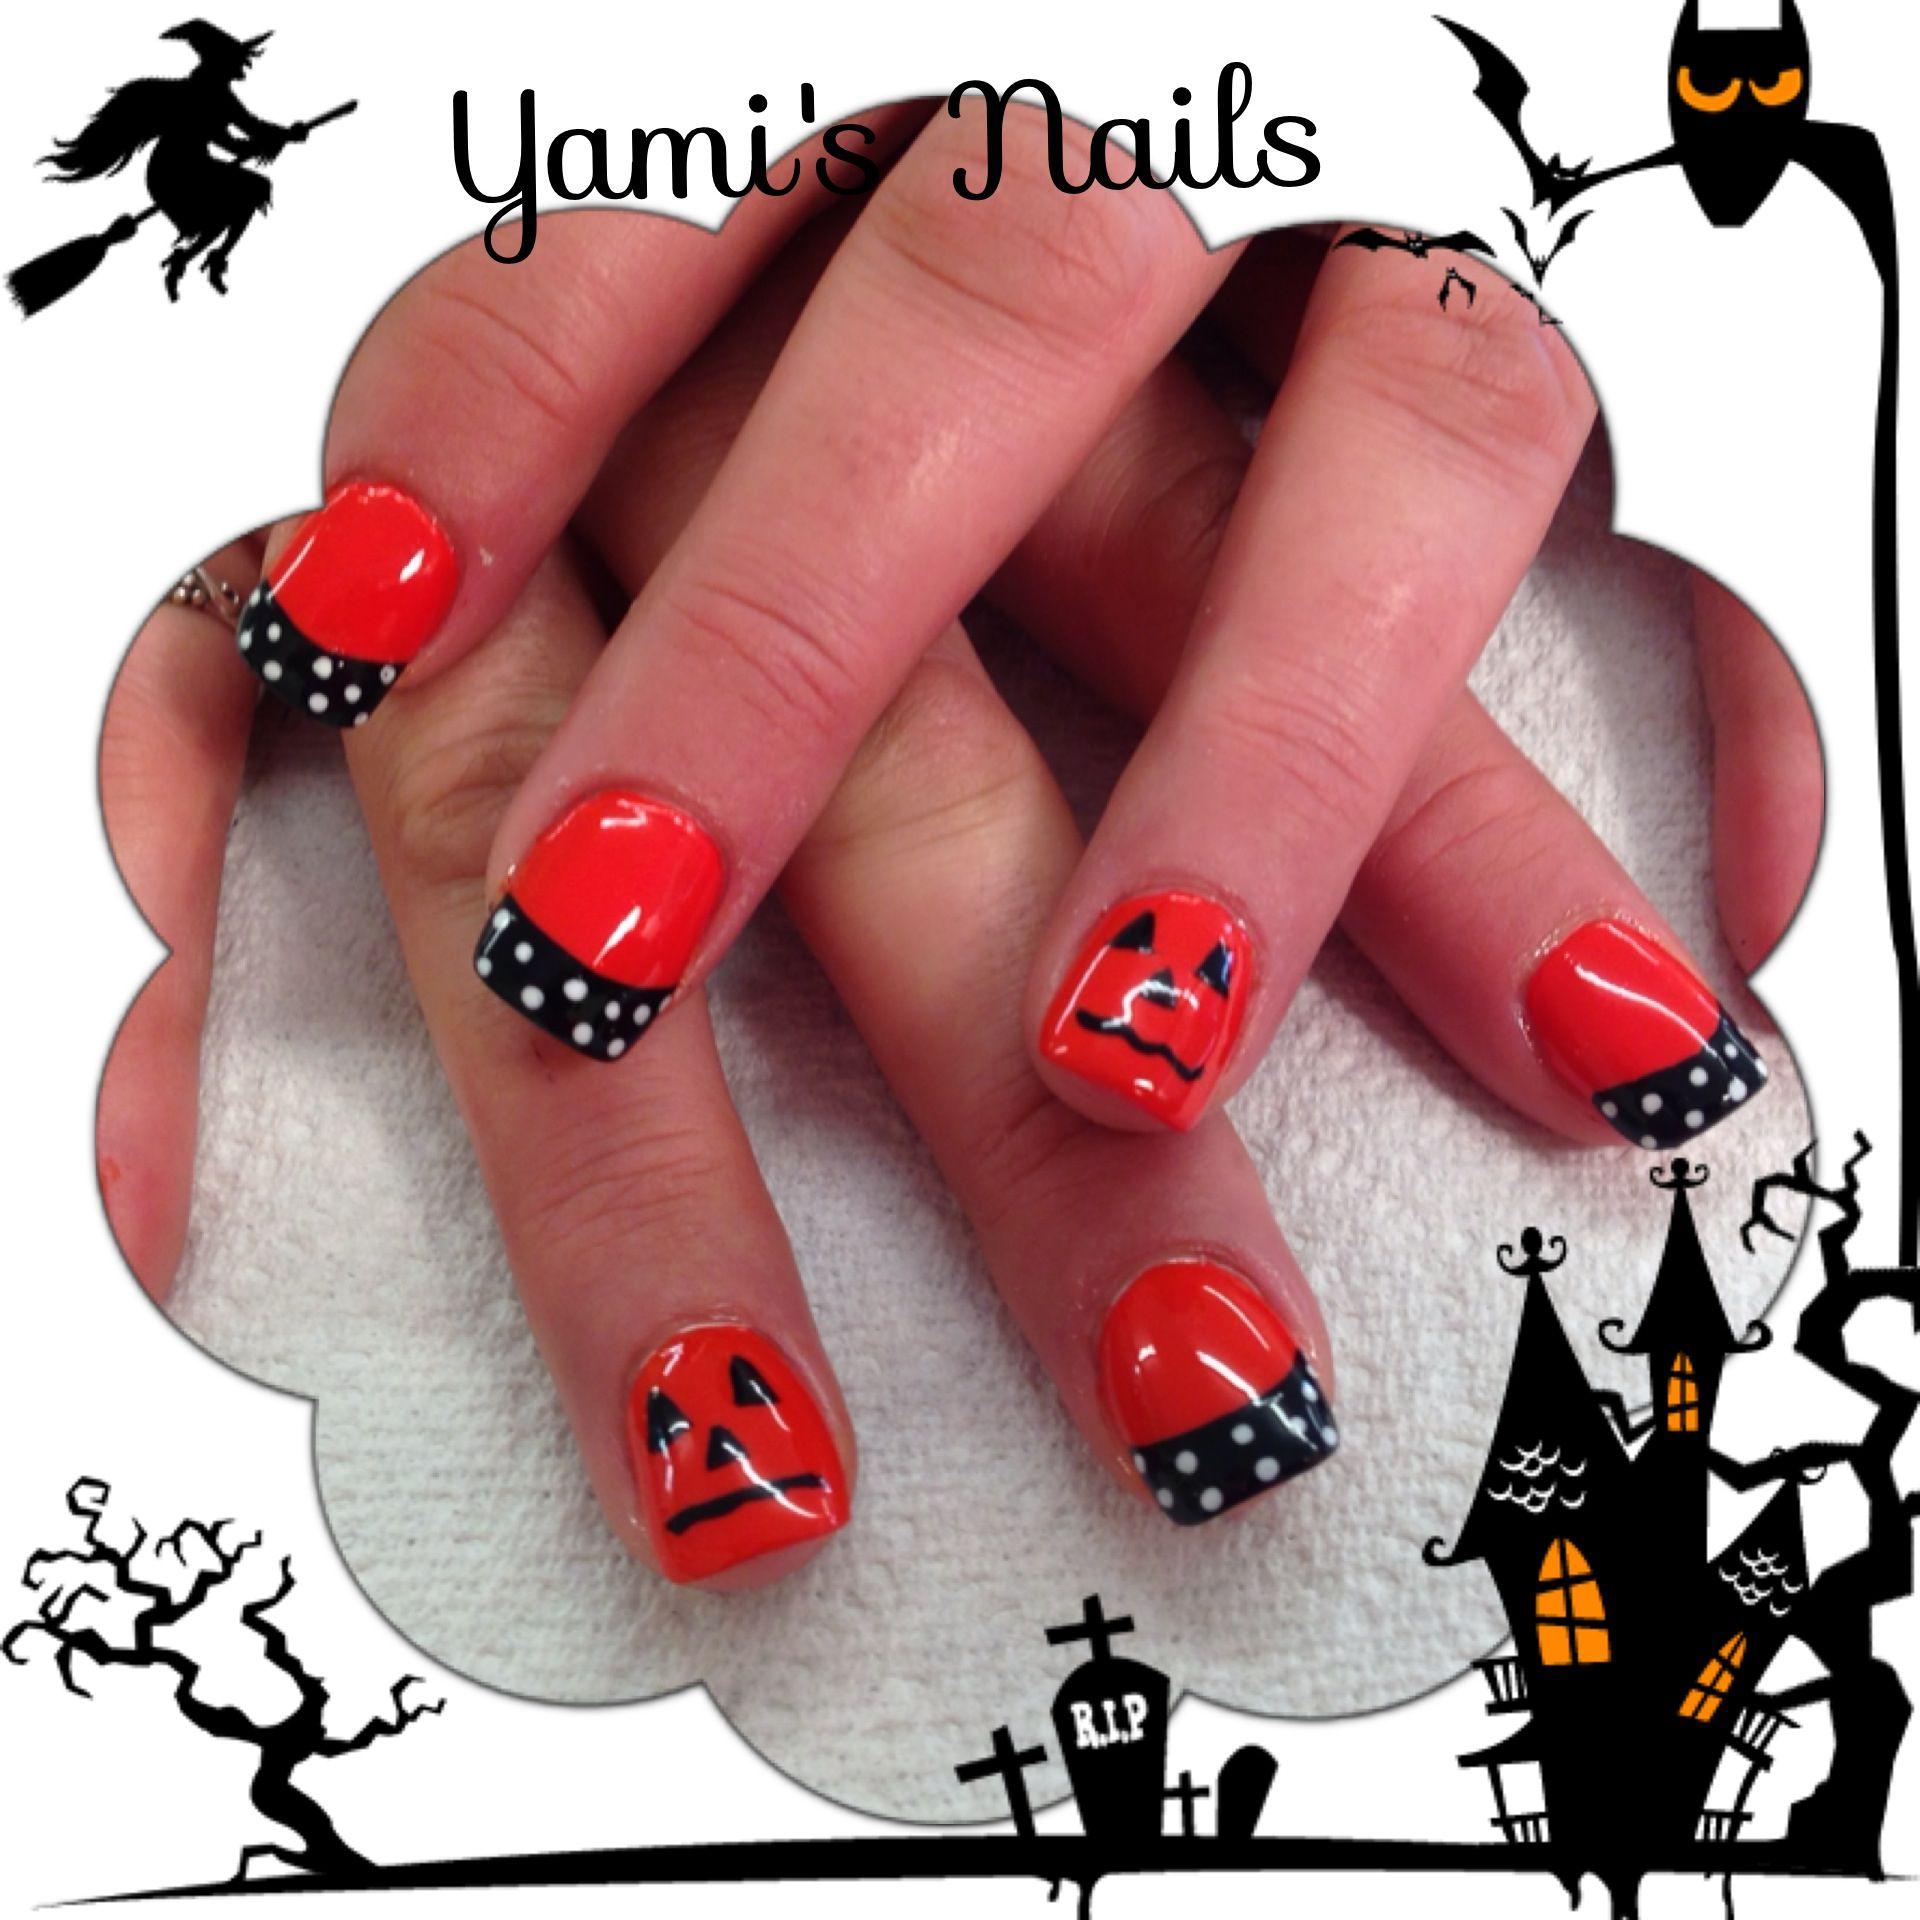 Halloween nail art shellac | Nails | Pinterest | Shellac nail art ...